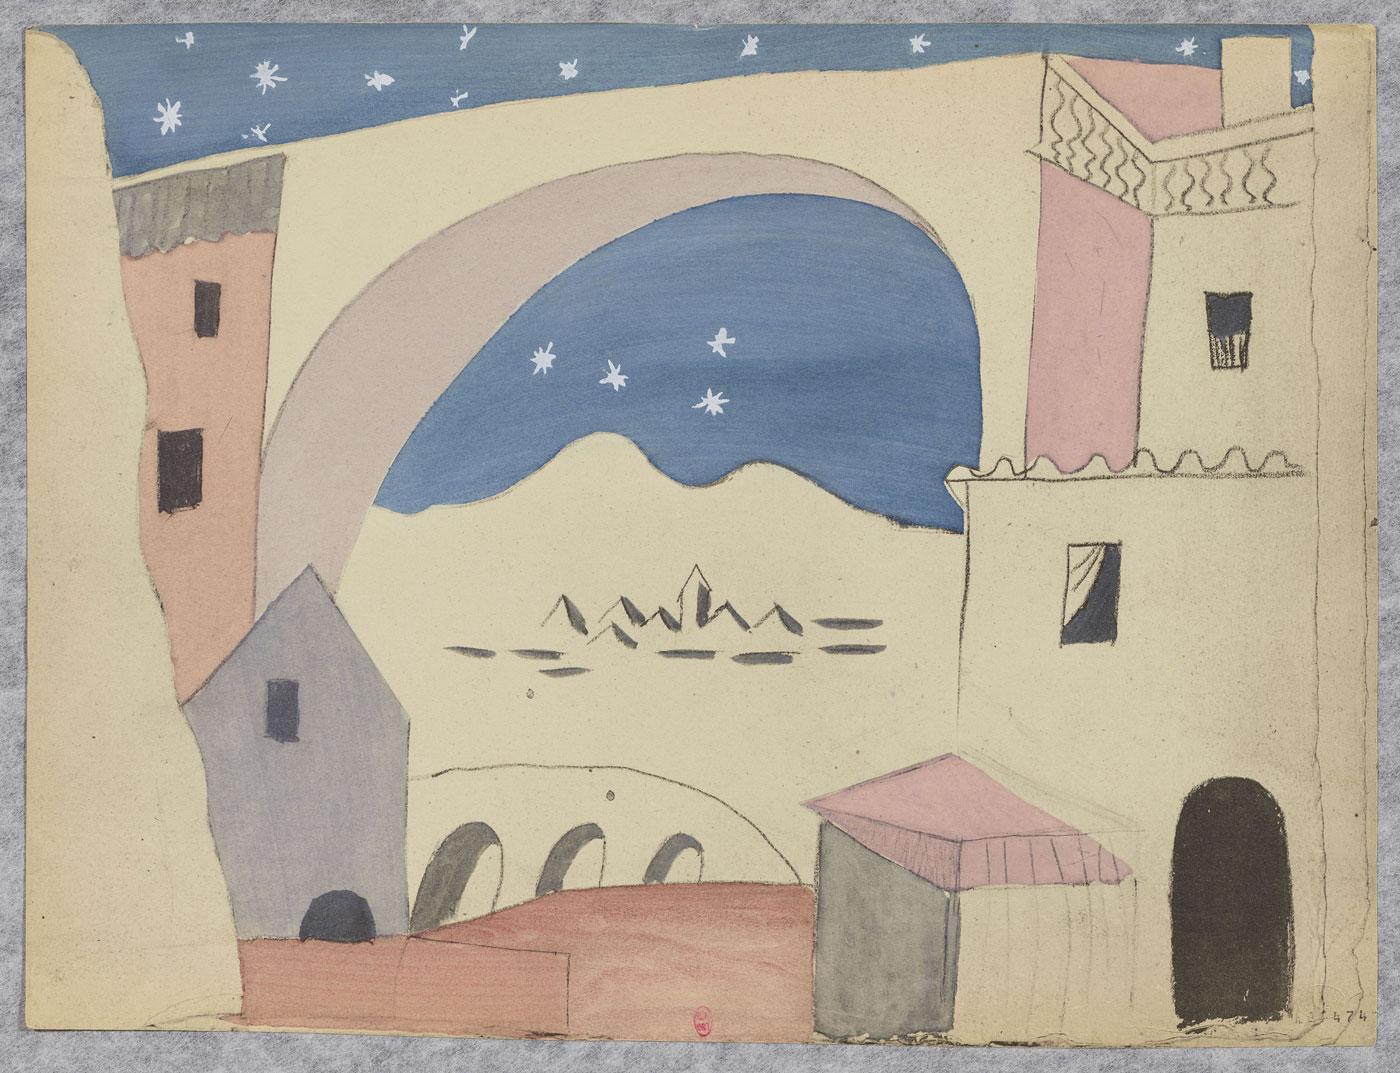 Pablo Picasso (after), Le Tricorne: final set model (1919) plate from the portfolio: Trente-deux reproductions de maquettes en couleurs d'après les originaux des costumes et décors par Picasso pour le ballet Le Tricorne Paris, P. Rosenberg, 1920 | BnF, Estampes et photographie © Succession Picasso 2018